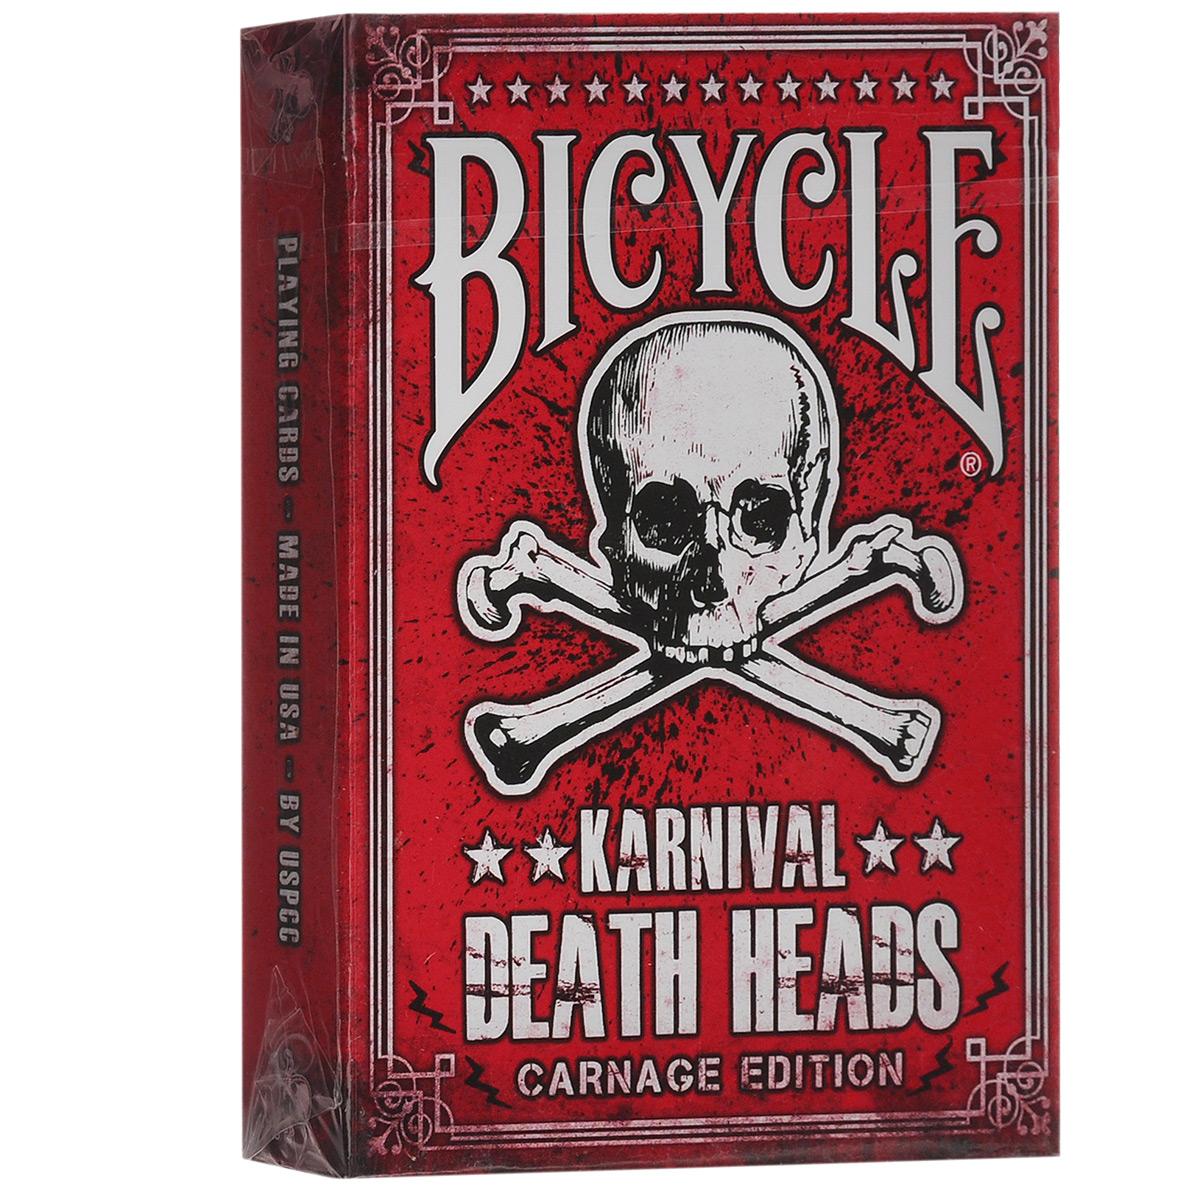 Игральные карты Karnival Death Heads - Big Blind Media, цвет: черный, 56 штК-239Игральные карты Karnival Death Heads - Big Blind Media изготовлены из многослойного картона с пластиковым покрытием, которое сохранит карты от выцветания и изнашивания. В 2011 была выпущена колода, которая до сих пор пользуется невероятной популярностью и, может быть, именно поэтому ее та трудно раздобыть. Но теперь мы с гордостью можем сказать, что наши покупатели тоже смогут получить для себя эту уникальную колоду. Вы получаете всемирно известную колоду в современном качестве USPCC и с невероятным дизайном. Все колоды Karnival произведены по исключительным технологиям, так что вы можете быть уверены, что получаете товар самого высокого качества. Карты имеют классический дизайн и стандартные индексы. Рубашка выполнена в традиционном дизайне Rider Back. Карты идеально подходят для фокусов, пасьянсов и карточных игр. Колода была разработана Сэмом Хейлесом и является эксклюзивной собственностью Bigblindmedia.